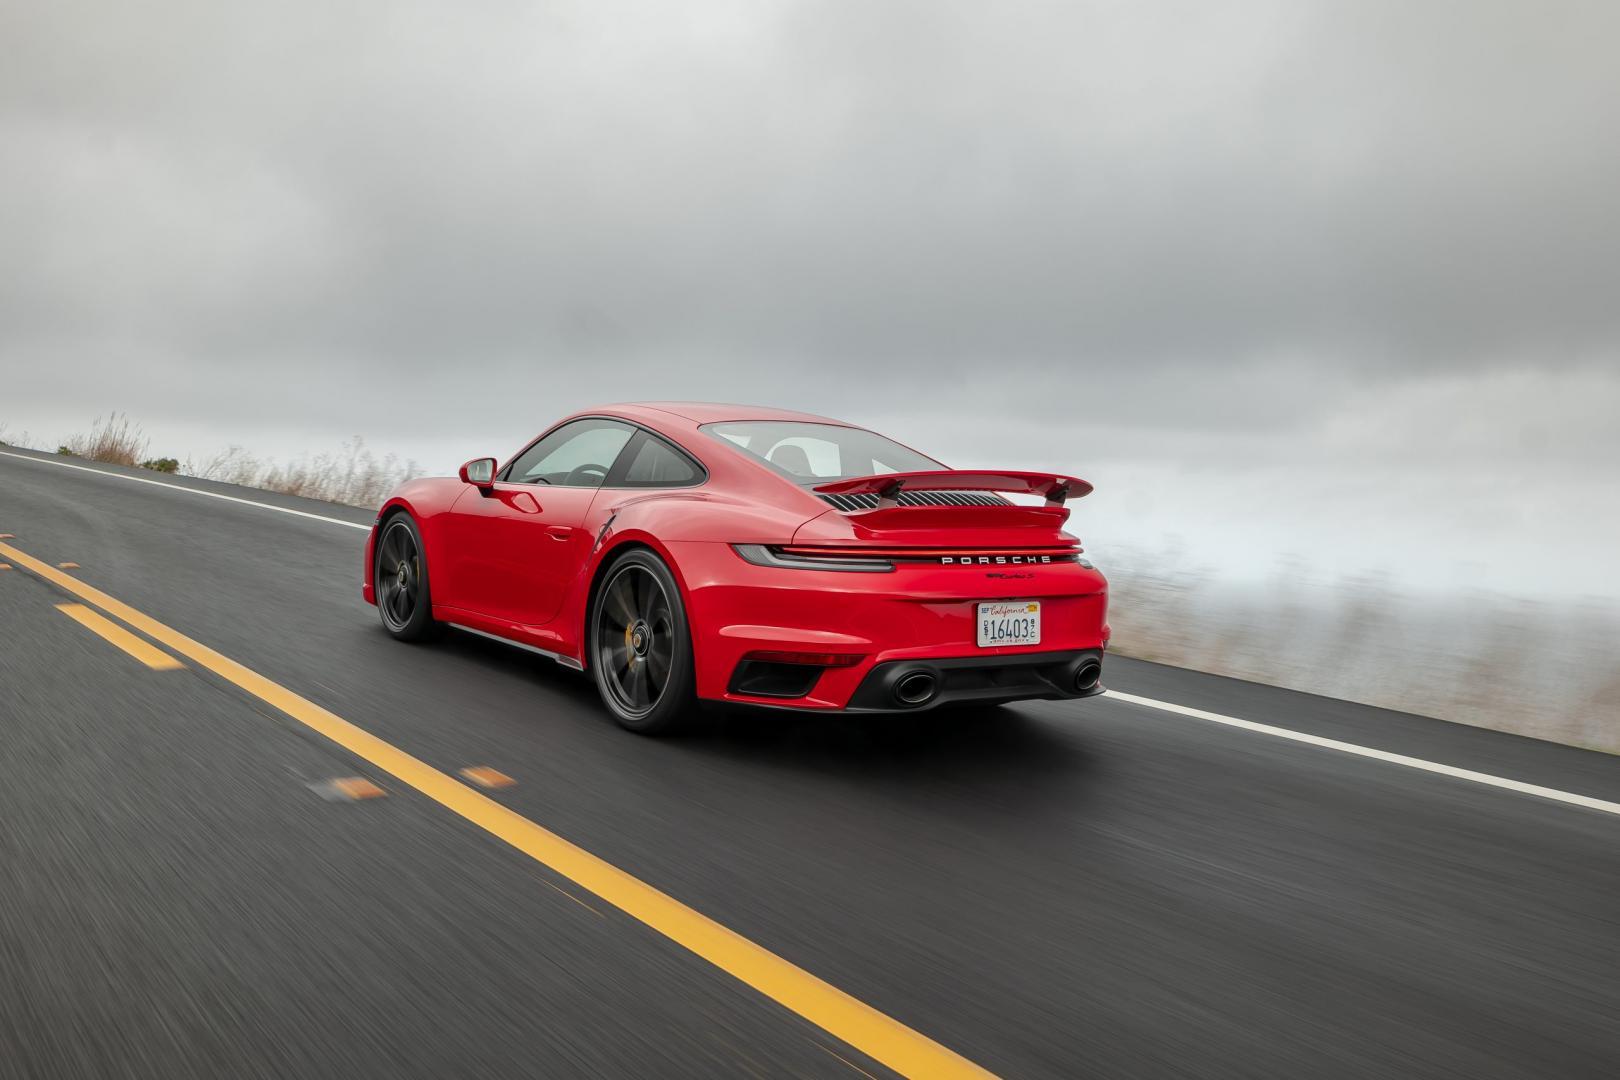 Porsche 911 Turbo S 992 1e test 2020